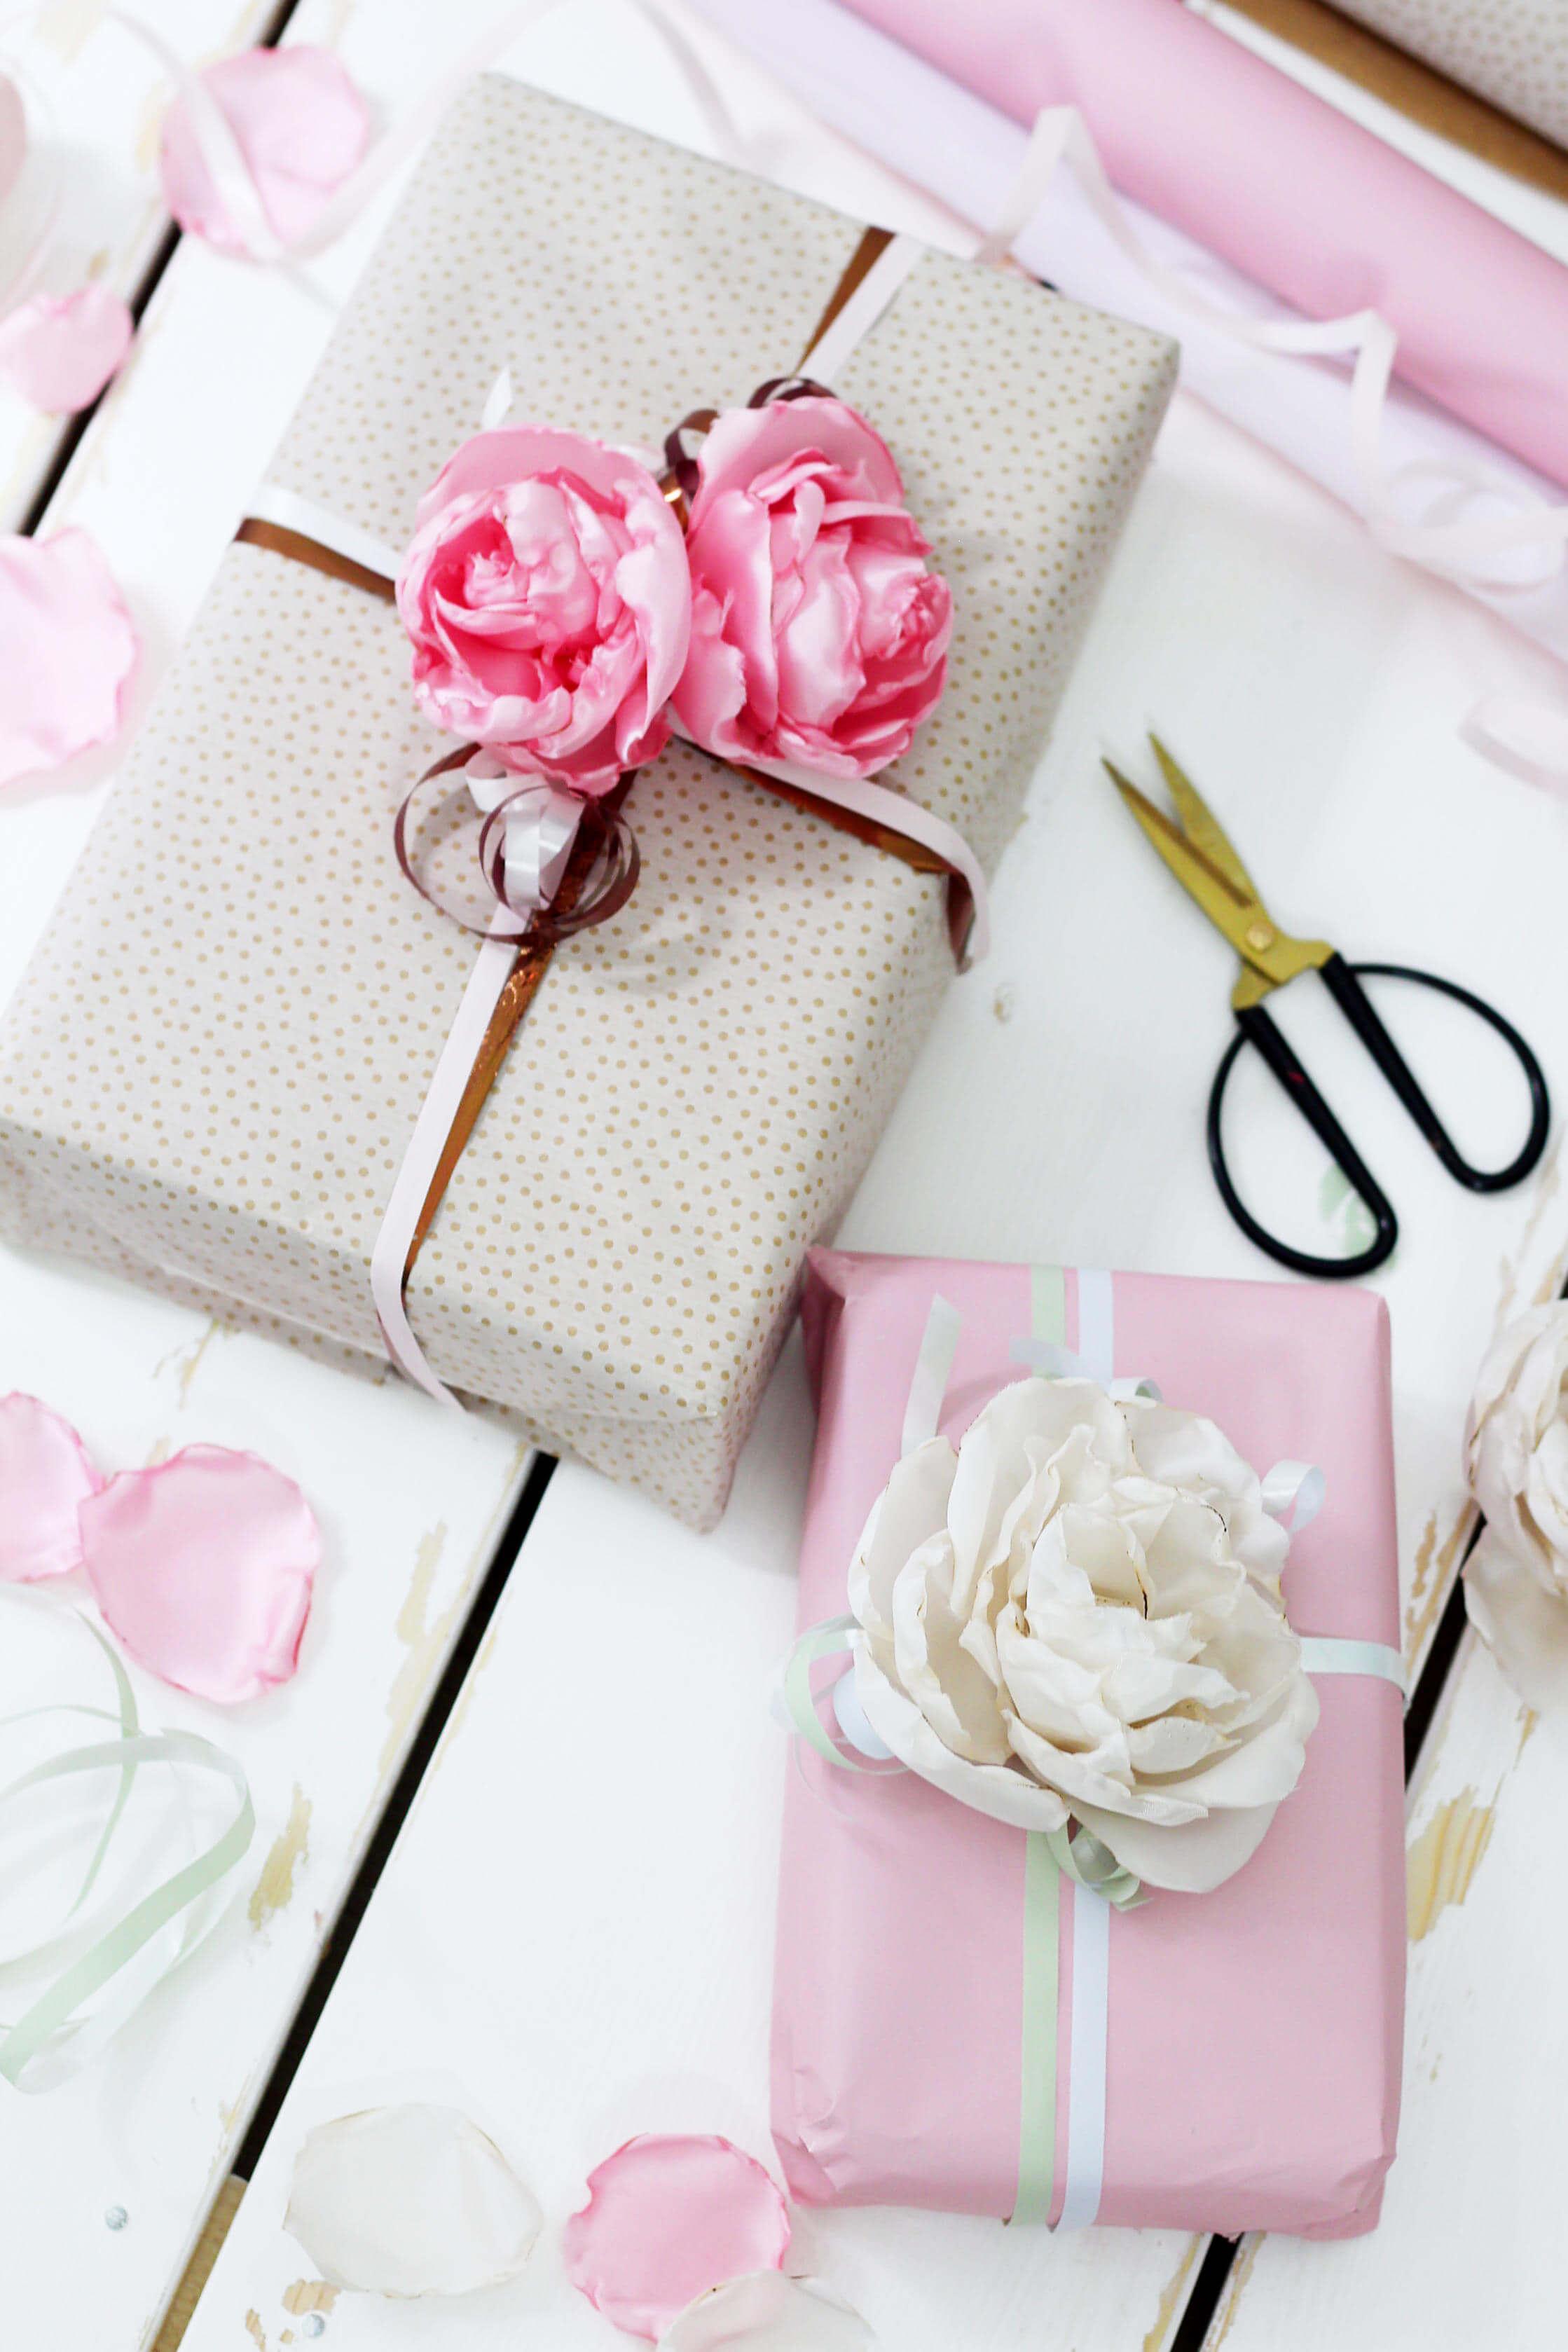 stoffblumen selber machen - kreative diy anleitung, Innenarchitektur ideen